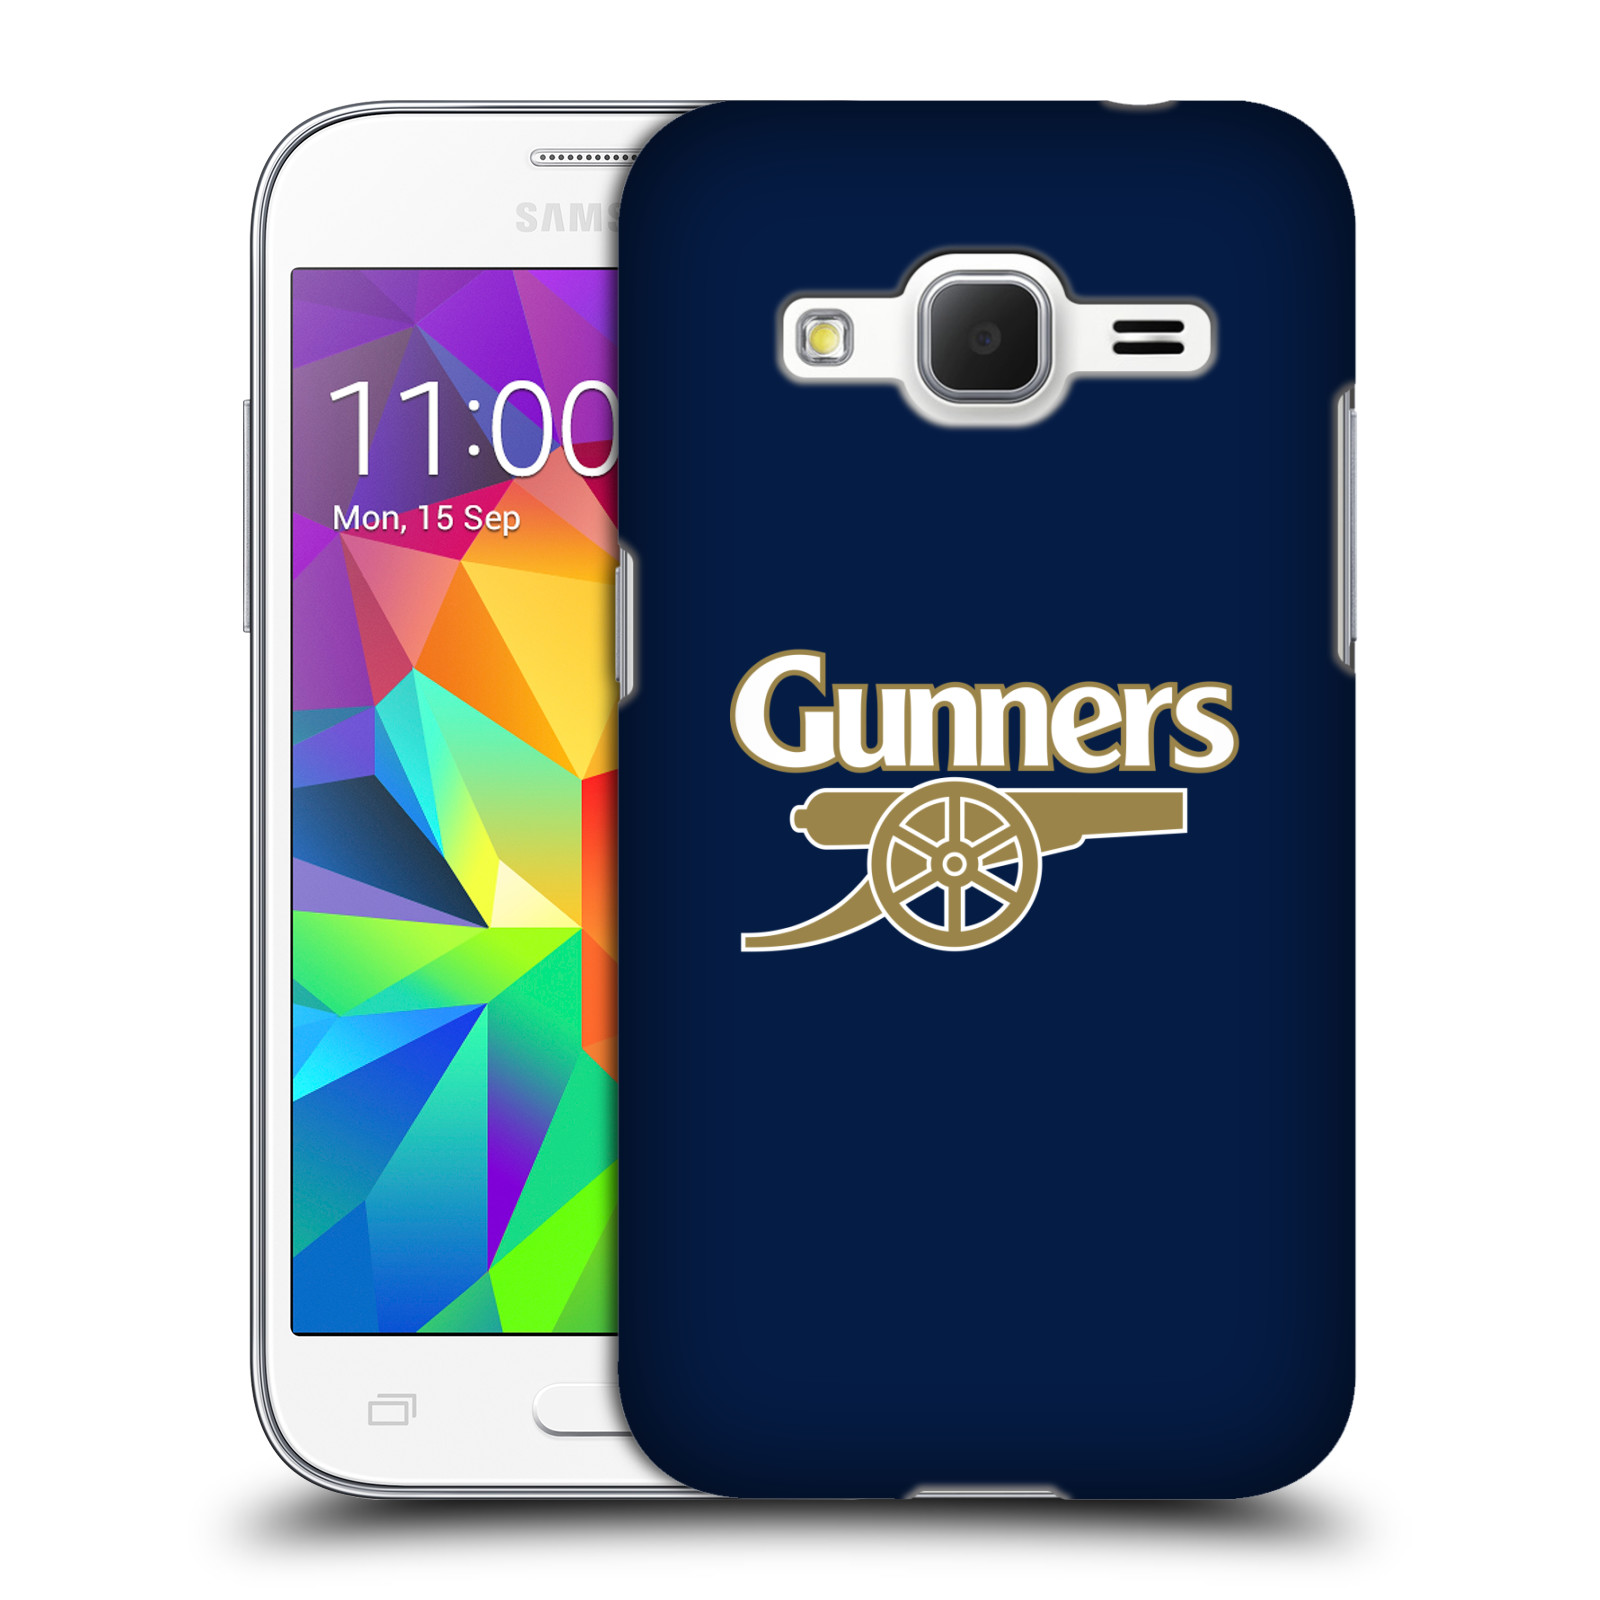 Plastové pouzdro na mobil Samsung Galaxy Core Prime LTE - Head Case - Arsenal FC - Gunners (Plastový kryt či obal na mobilní telefon s motivem klubu Arsenal FC - Gunners pro Samsung Galaxy Core Prime LTE SM-G360)